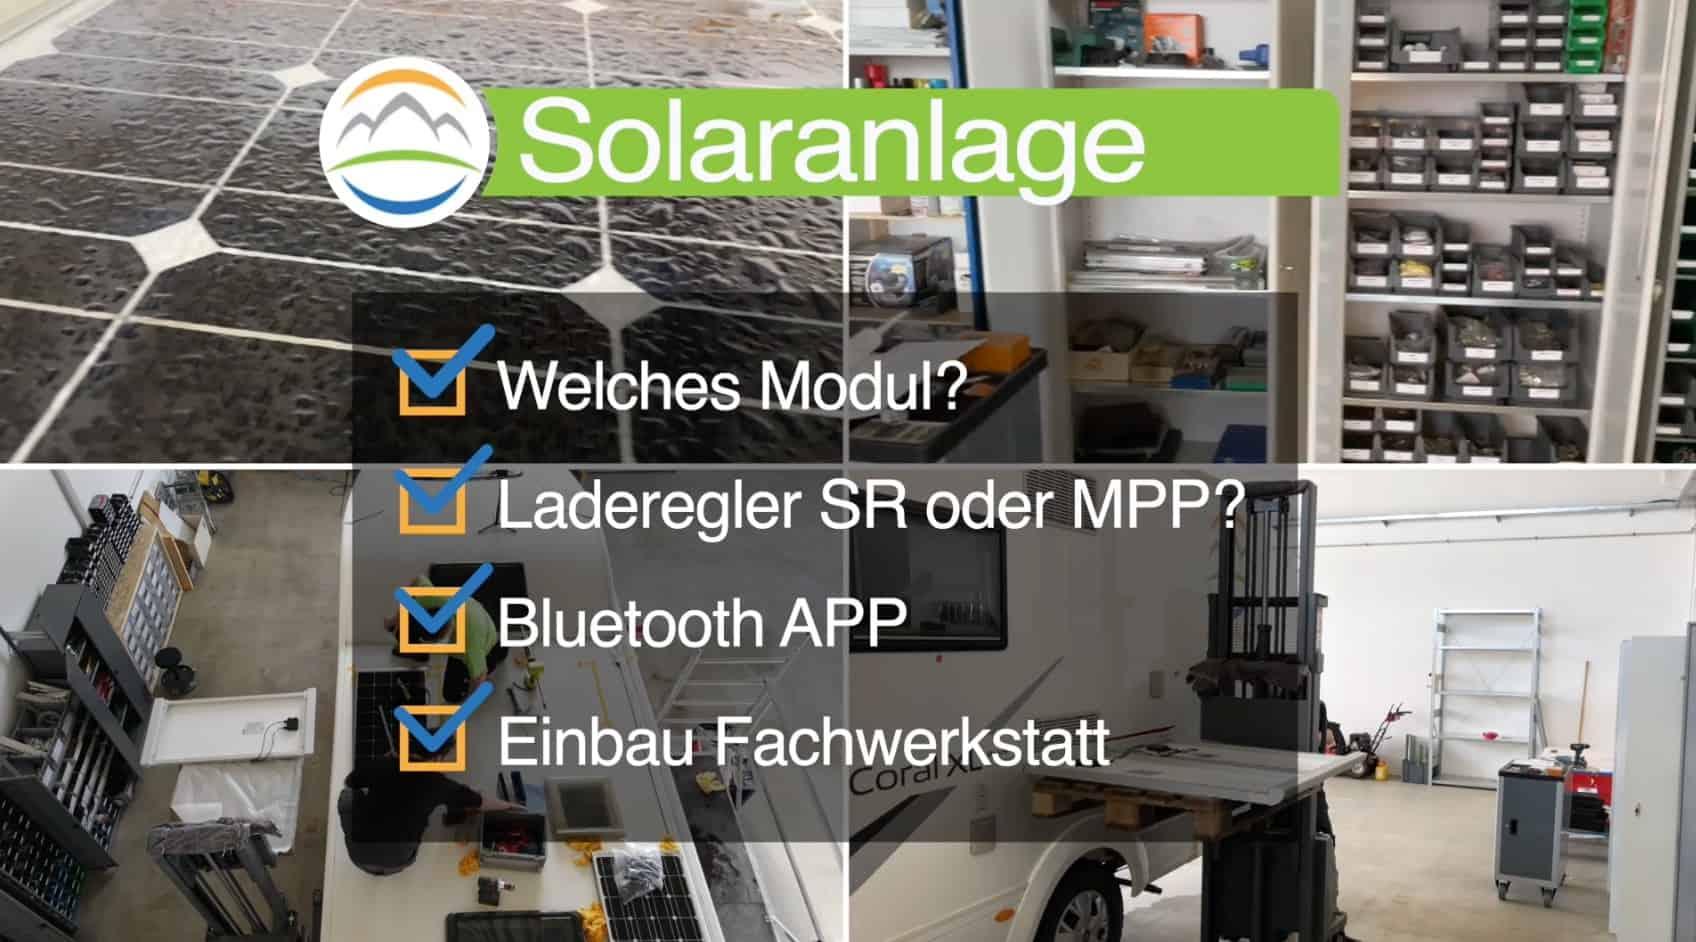 Solaranlage-Wohnmobil-Solarmodule-MPP-SR-App-Bluetooth-Einbau-Fachwerkstatt